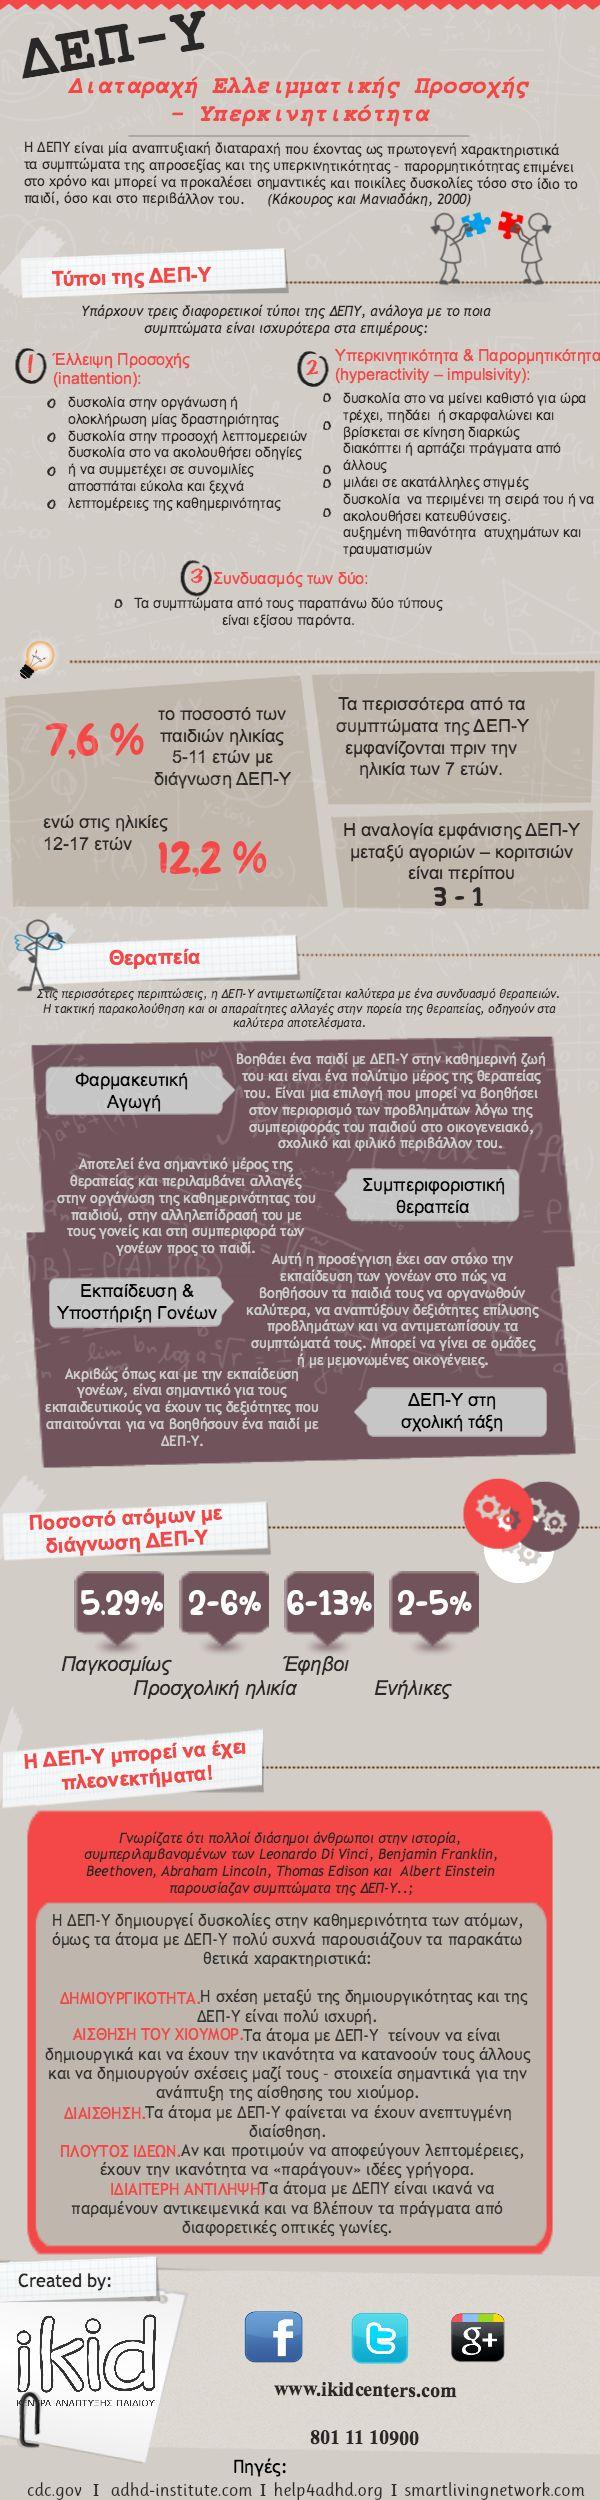 Διαταραχή Ελλειμματικής Προσοχής - Υπερκινητικότητα